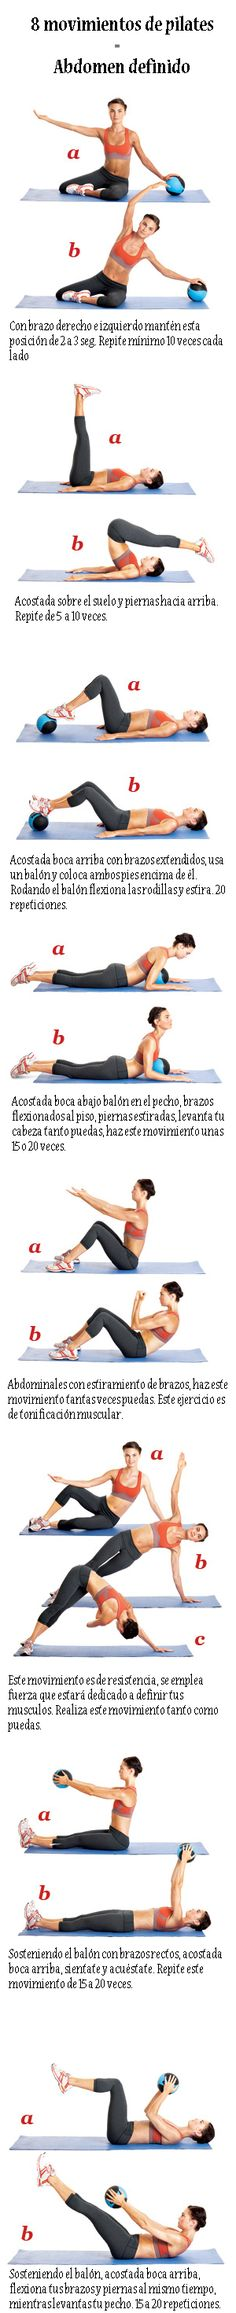 8 movimientos de pilates para un abdomen definido